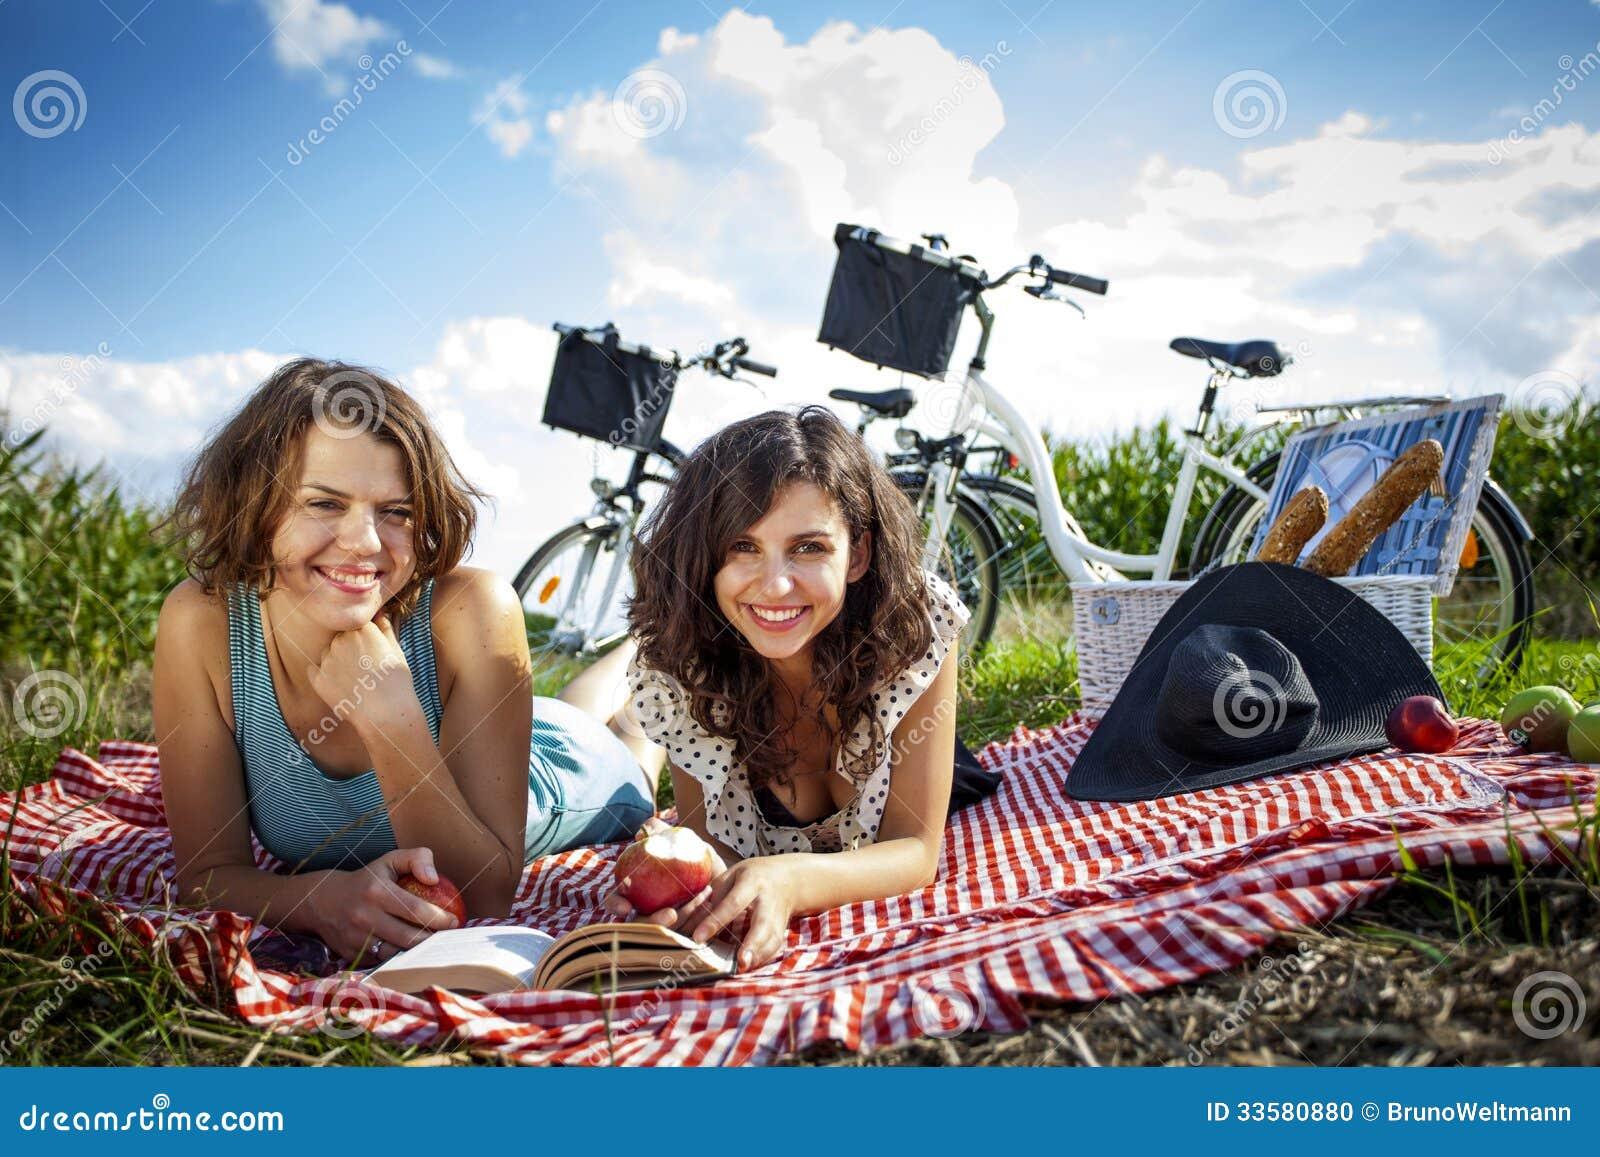 gratis webcammen mooie fiets